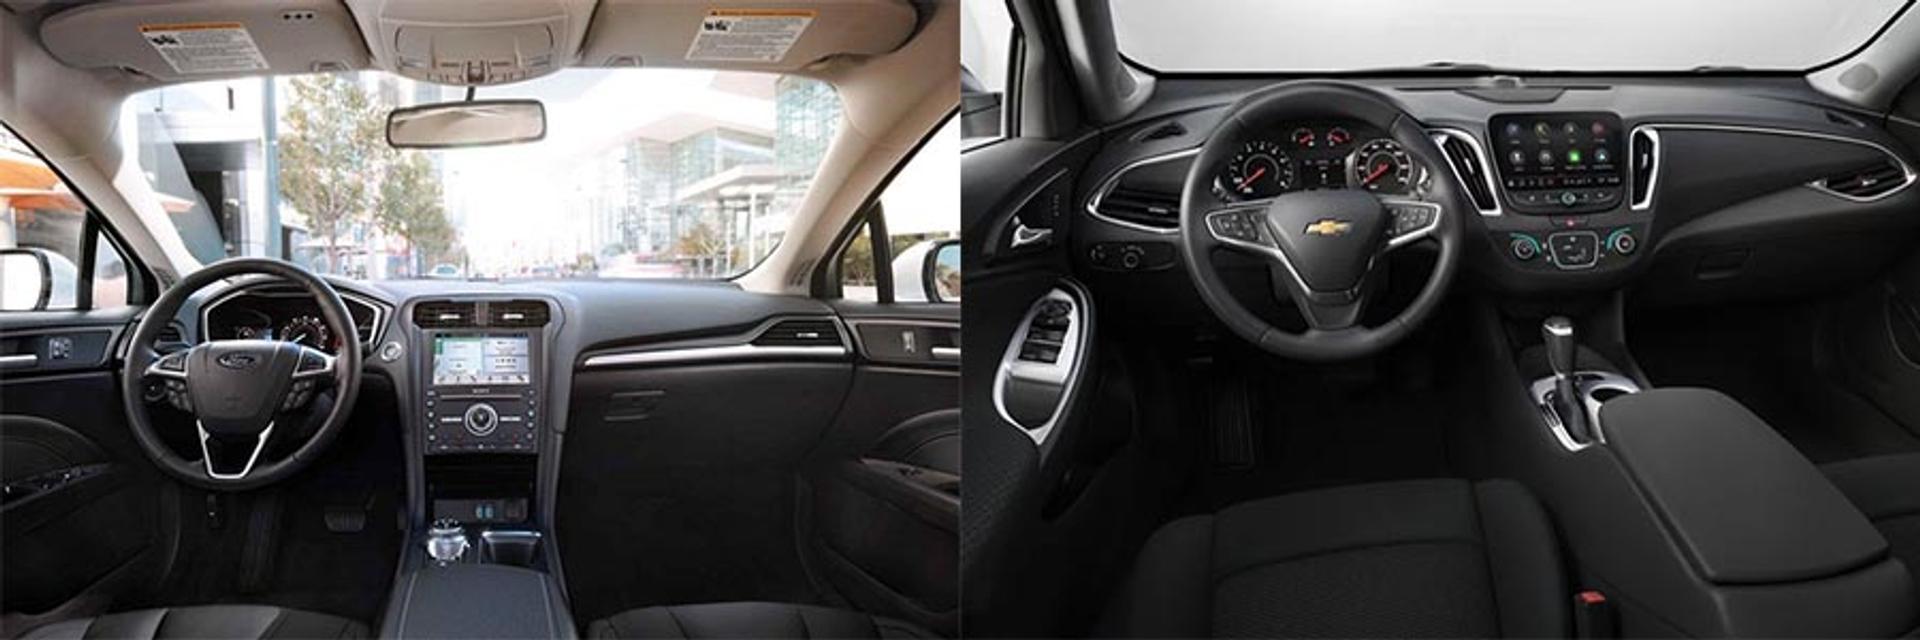 Ford Fusion vs Chevy Malibu interior comparison